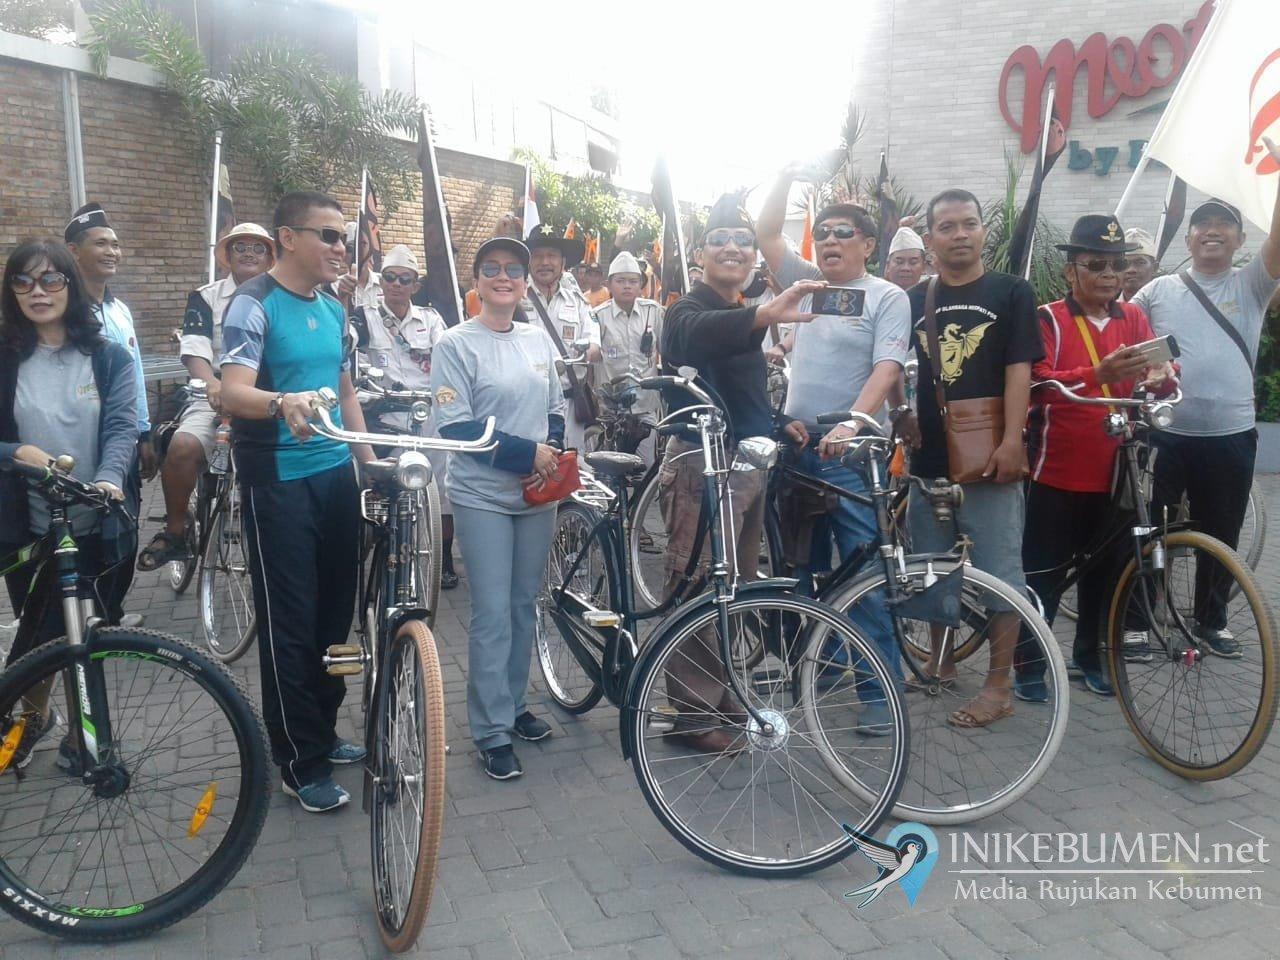 Ribuan Warga Meriahkan Sepeda Santai dan Jalan Sehat Meotel Kebumen